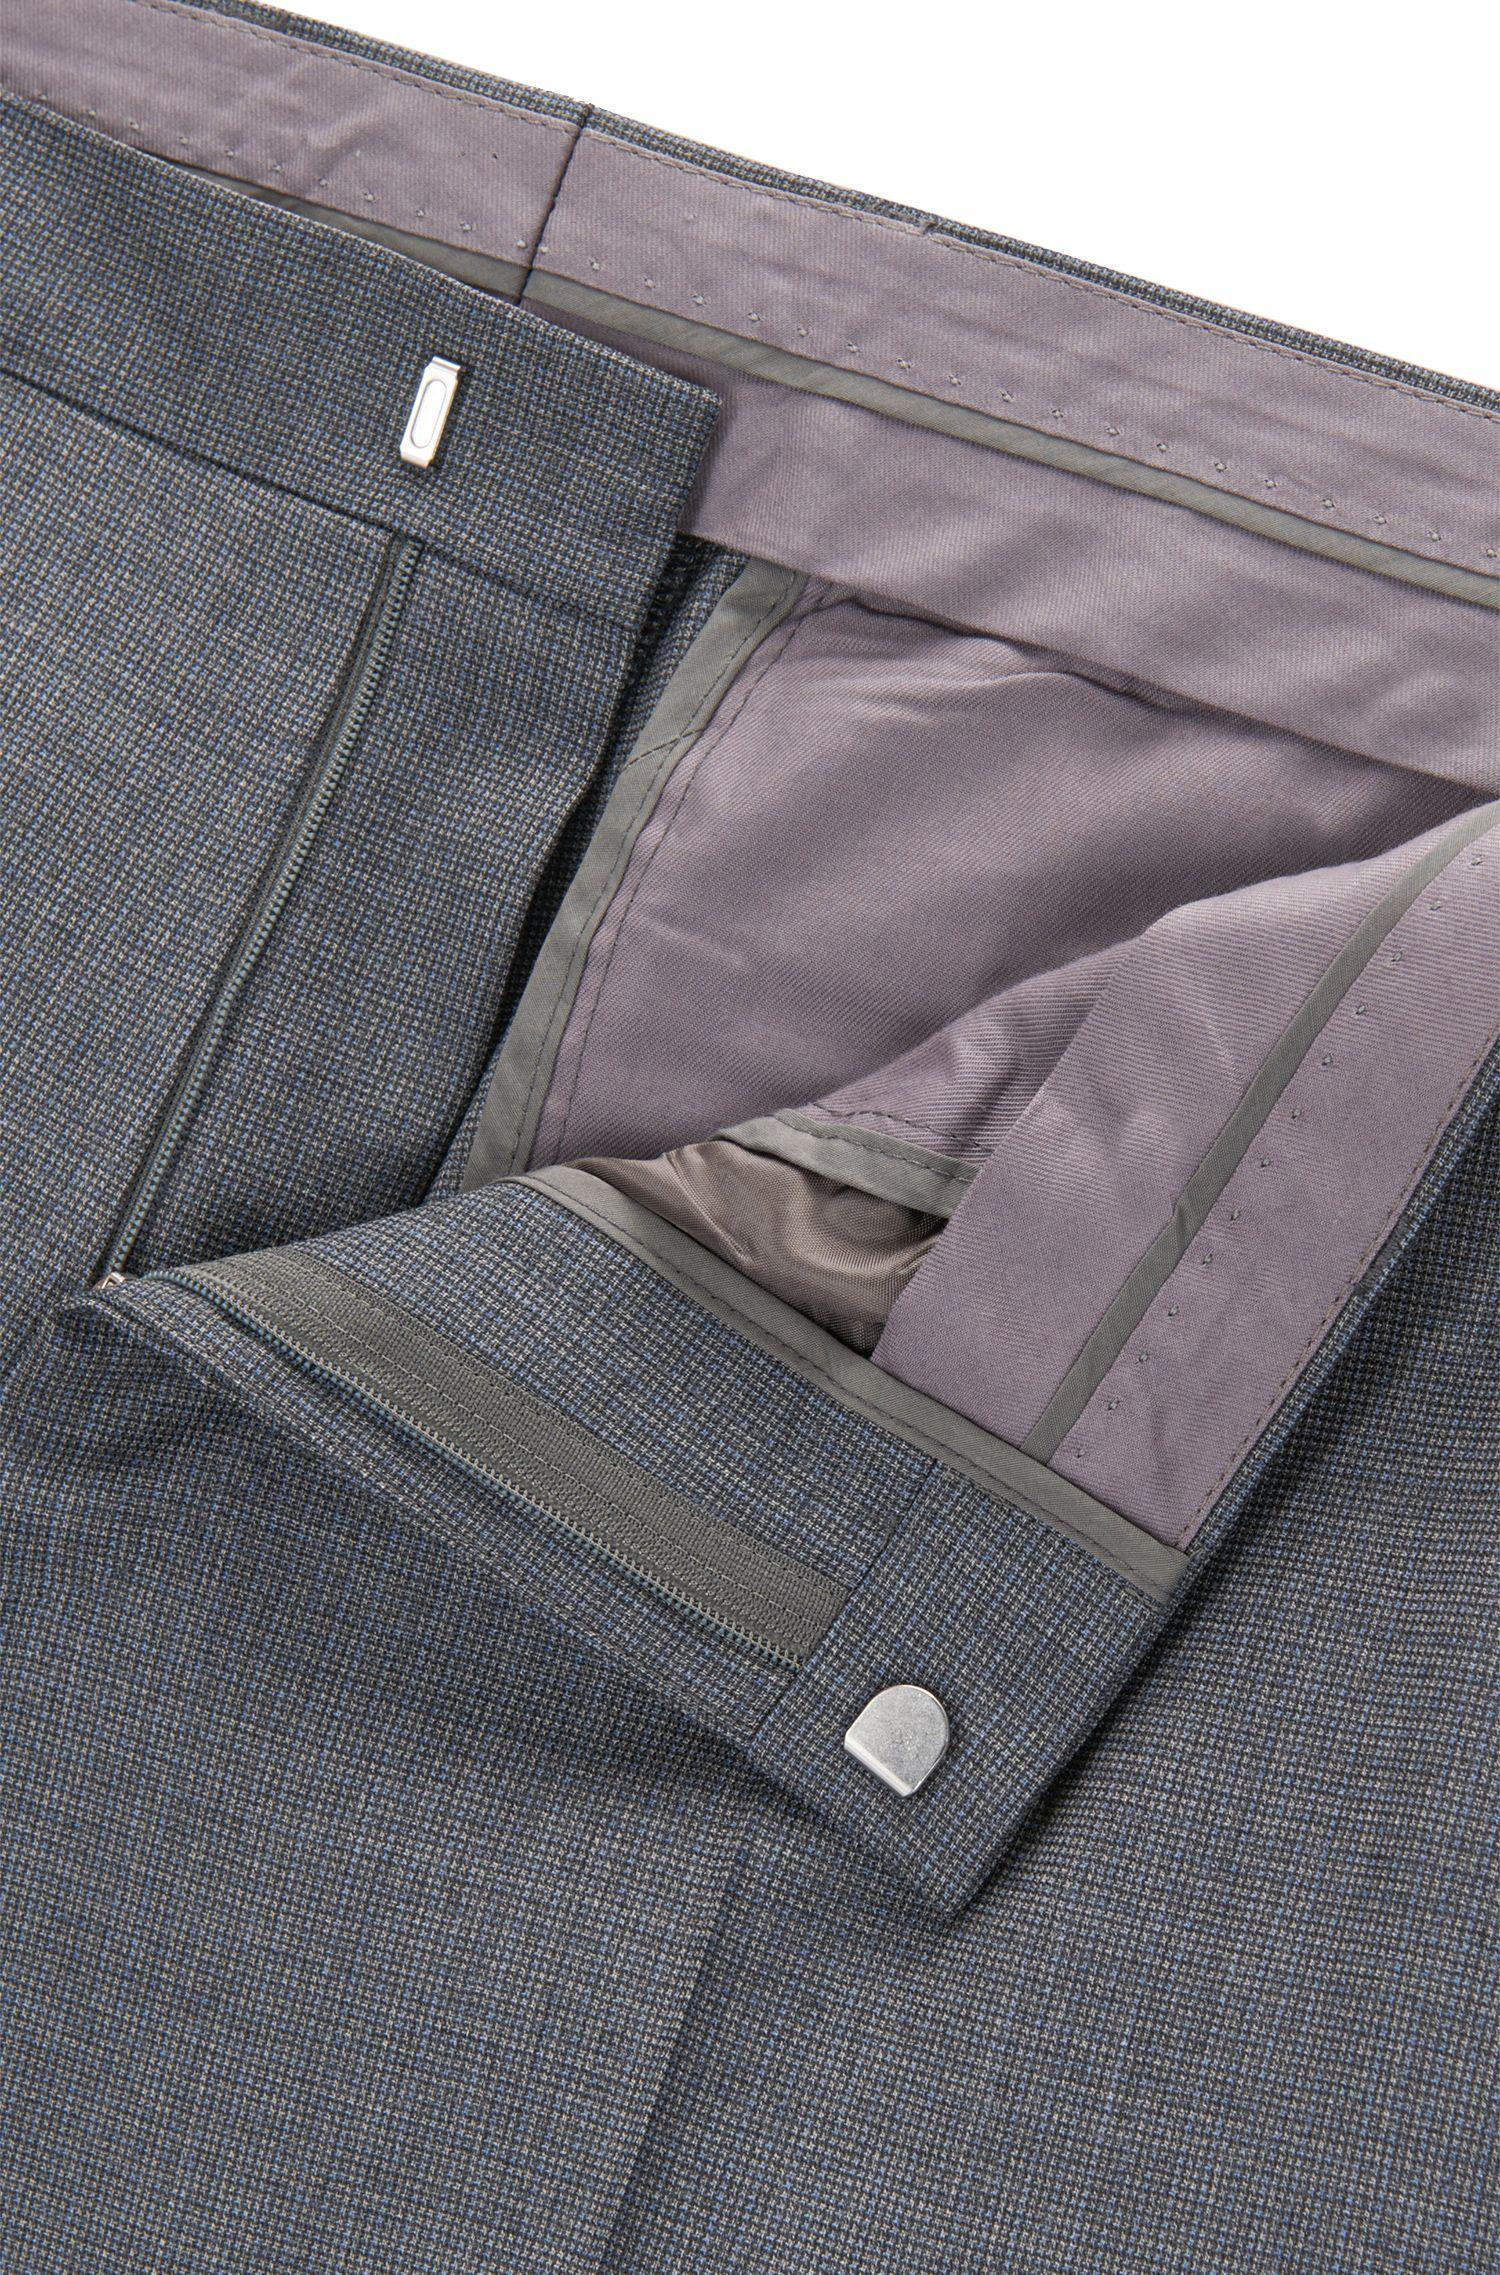 Slim-fit suit in patterned virgin wool